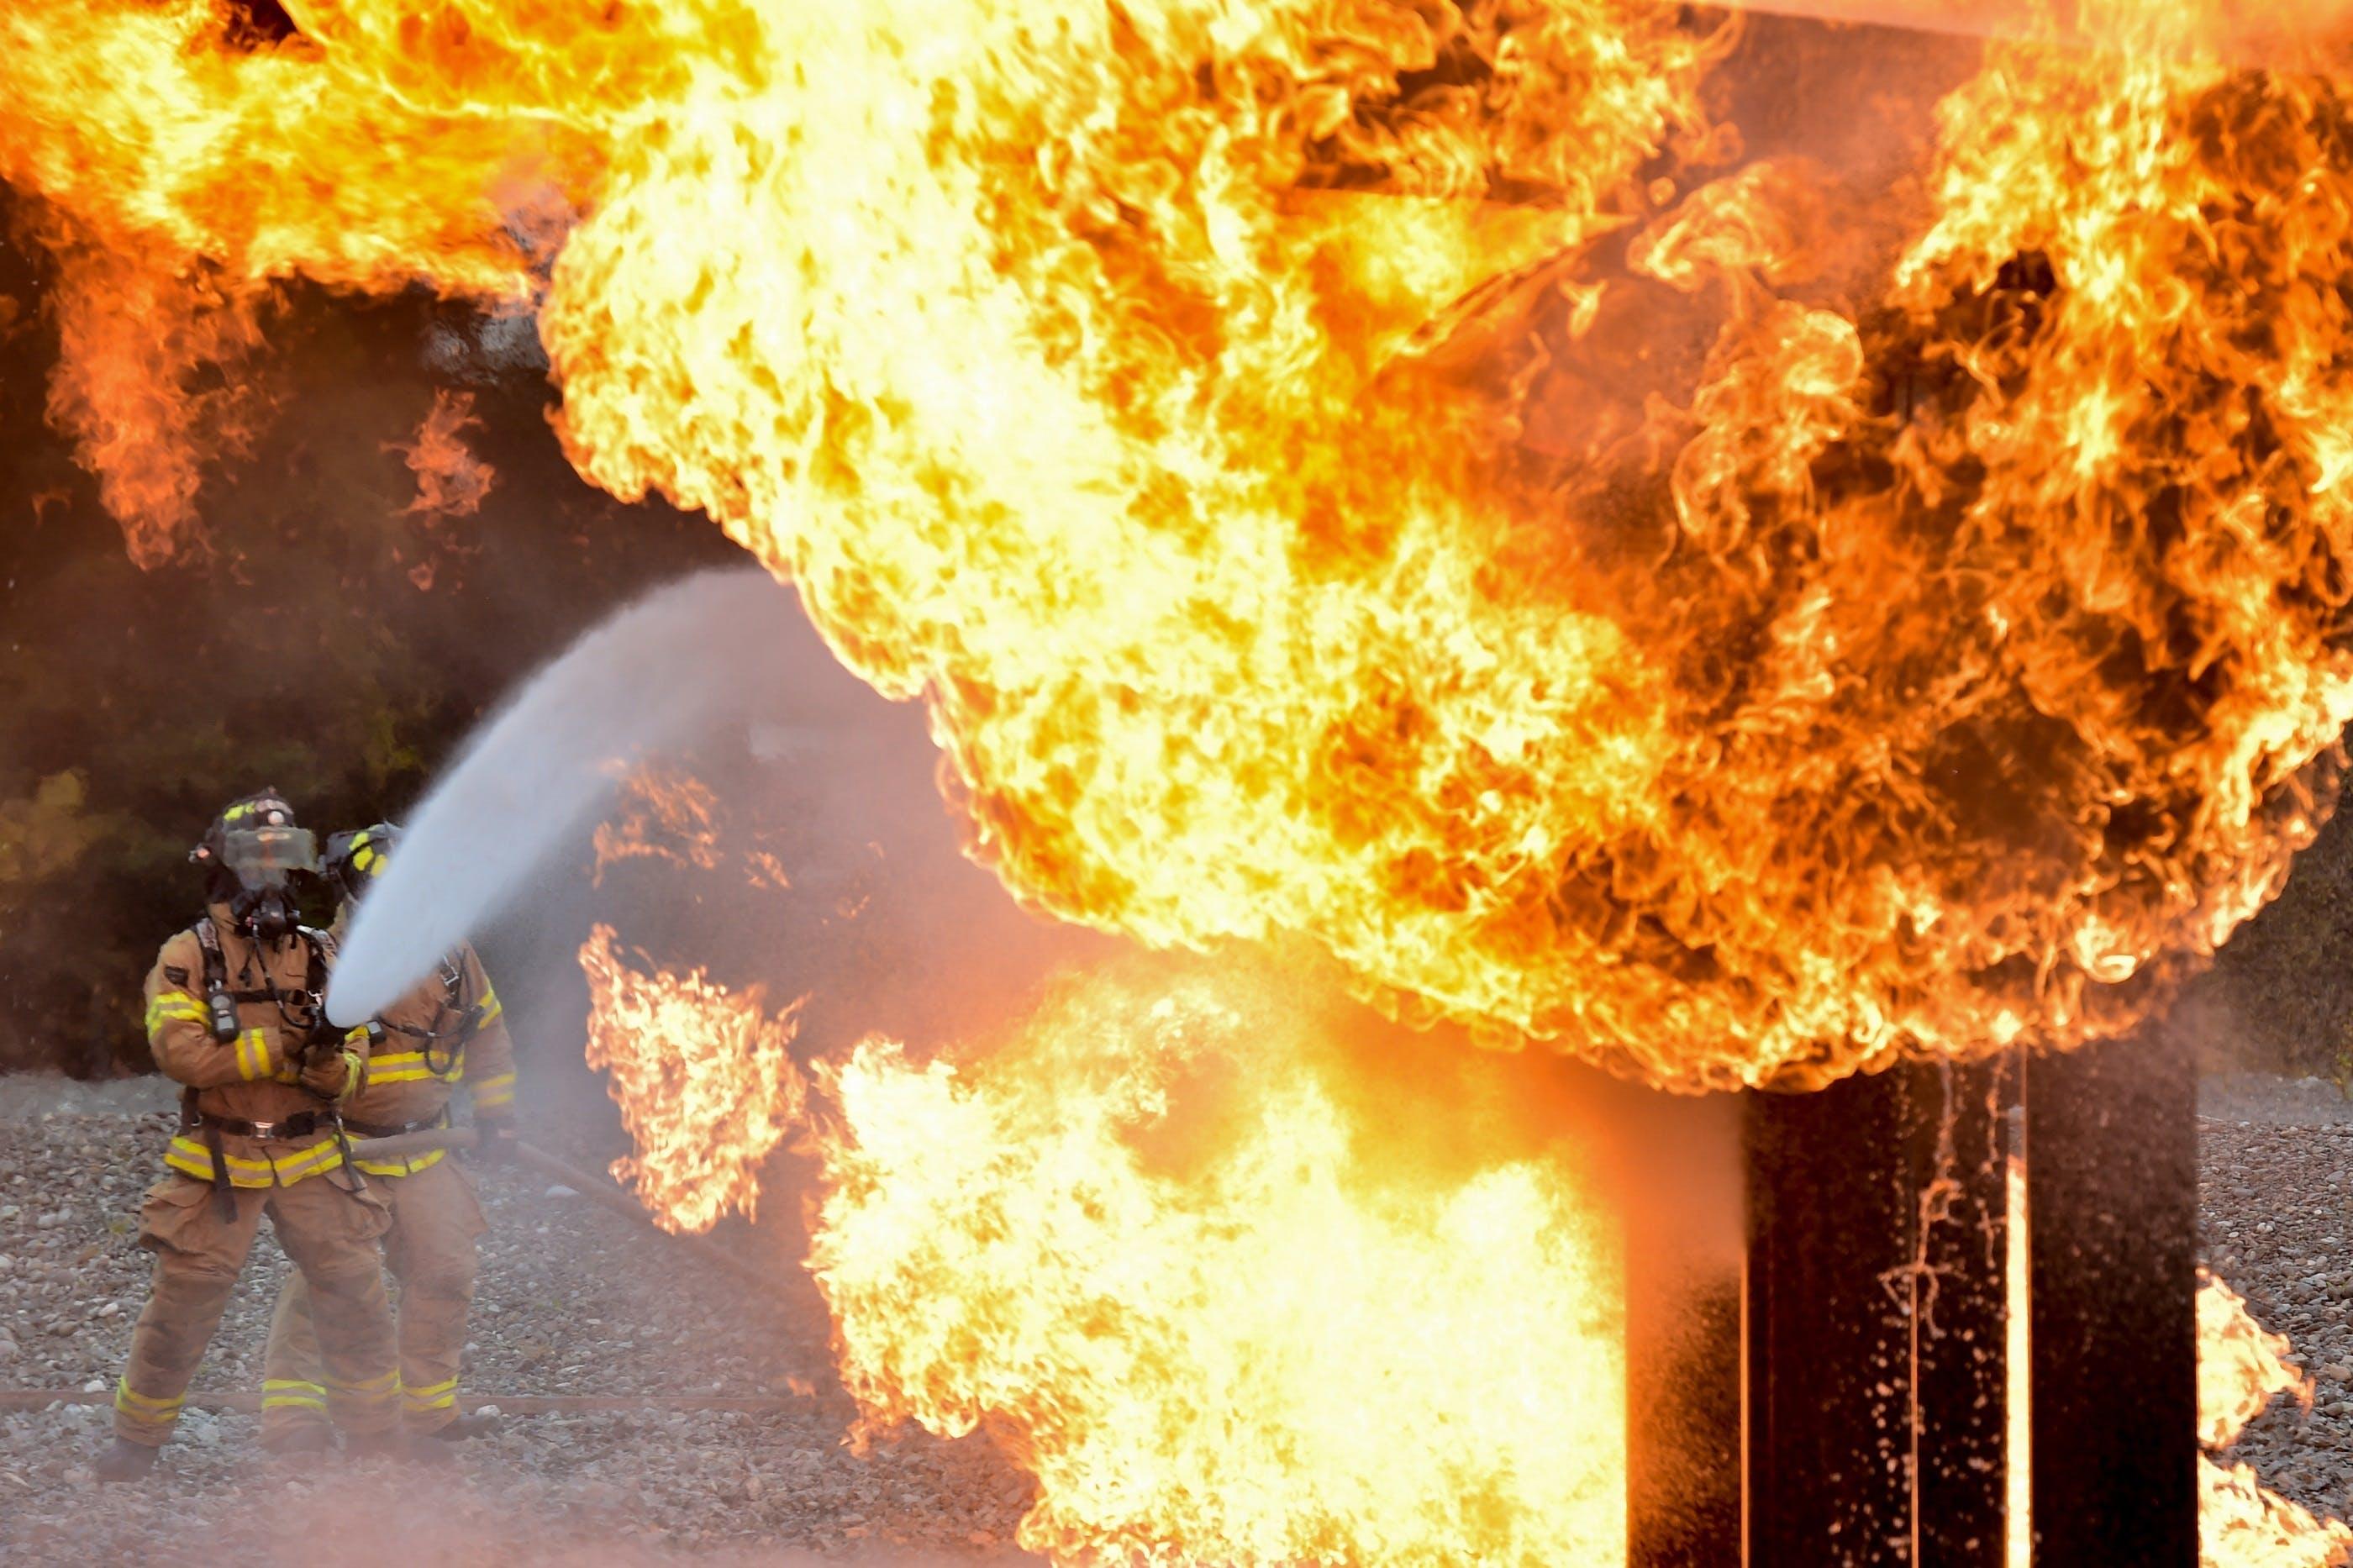 battle, blaze, burn